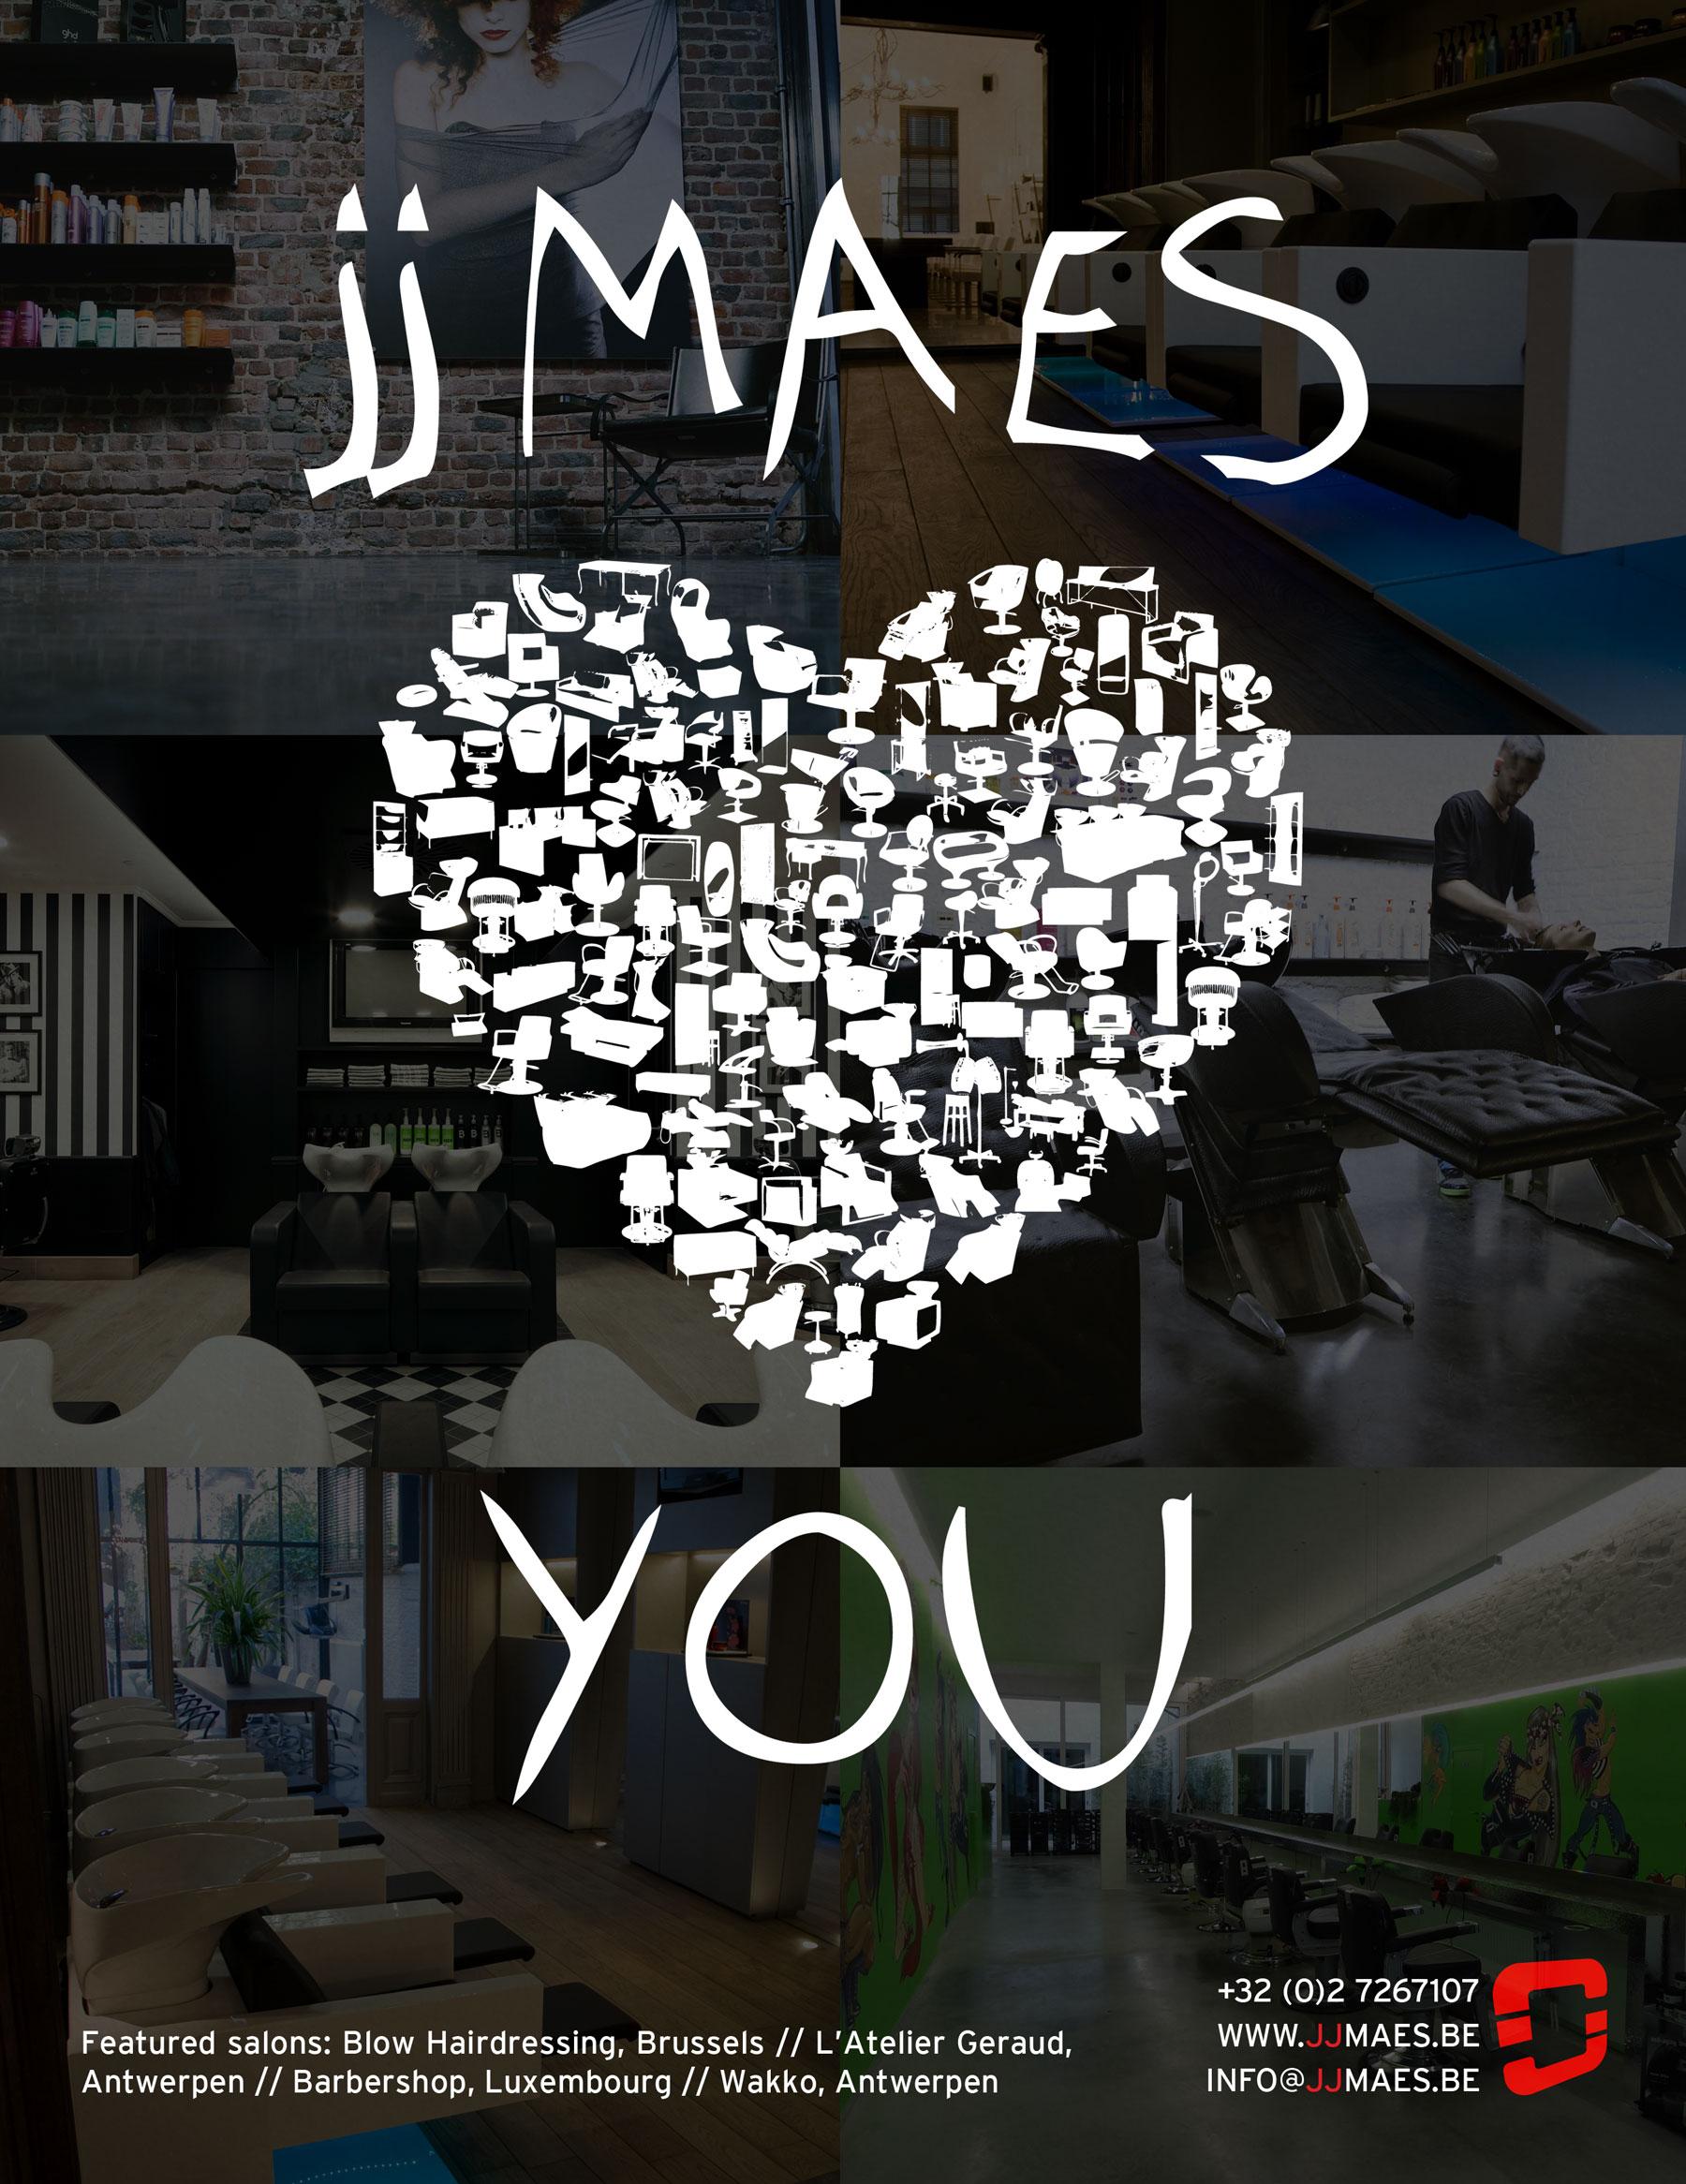 JJ Maes Campaign